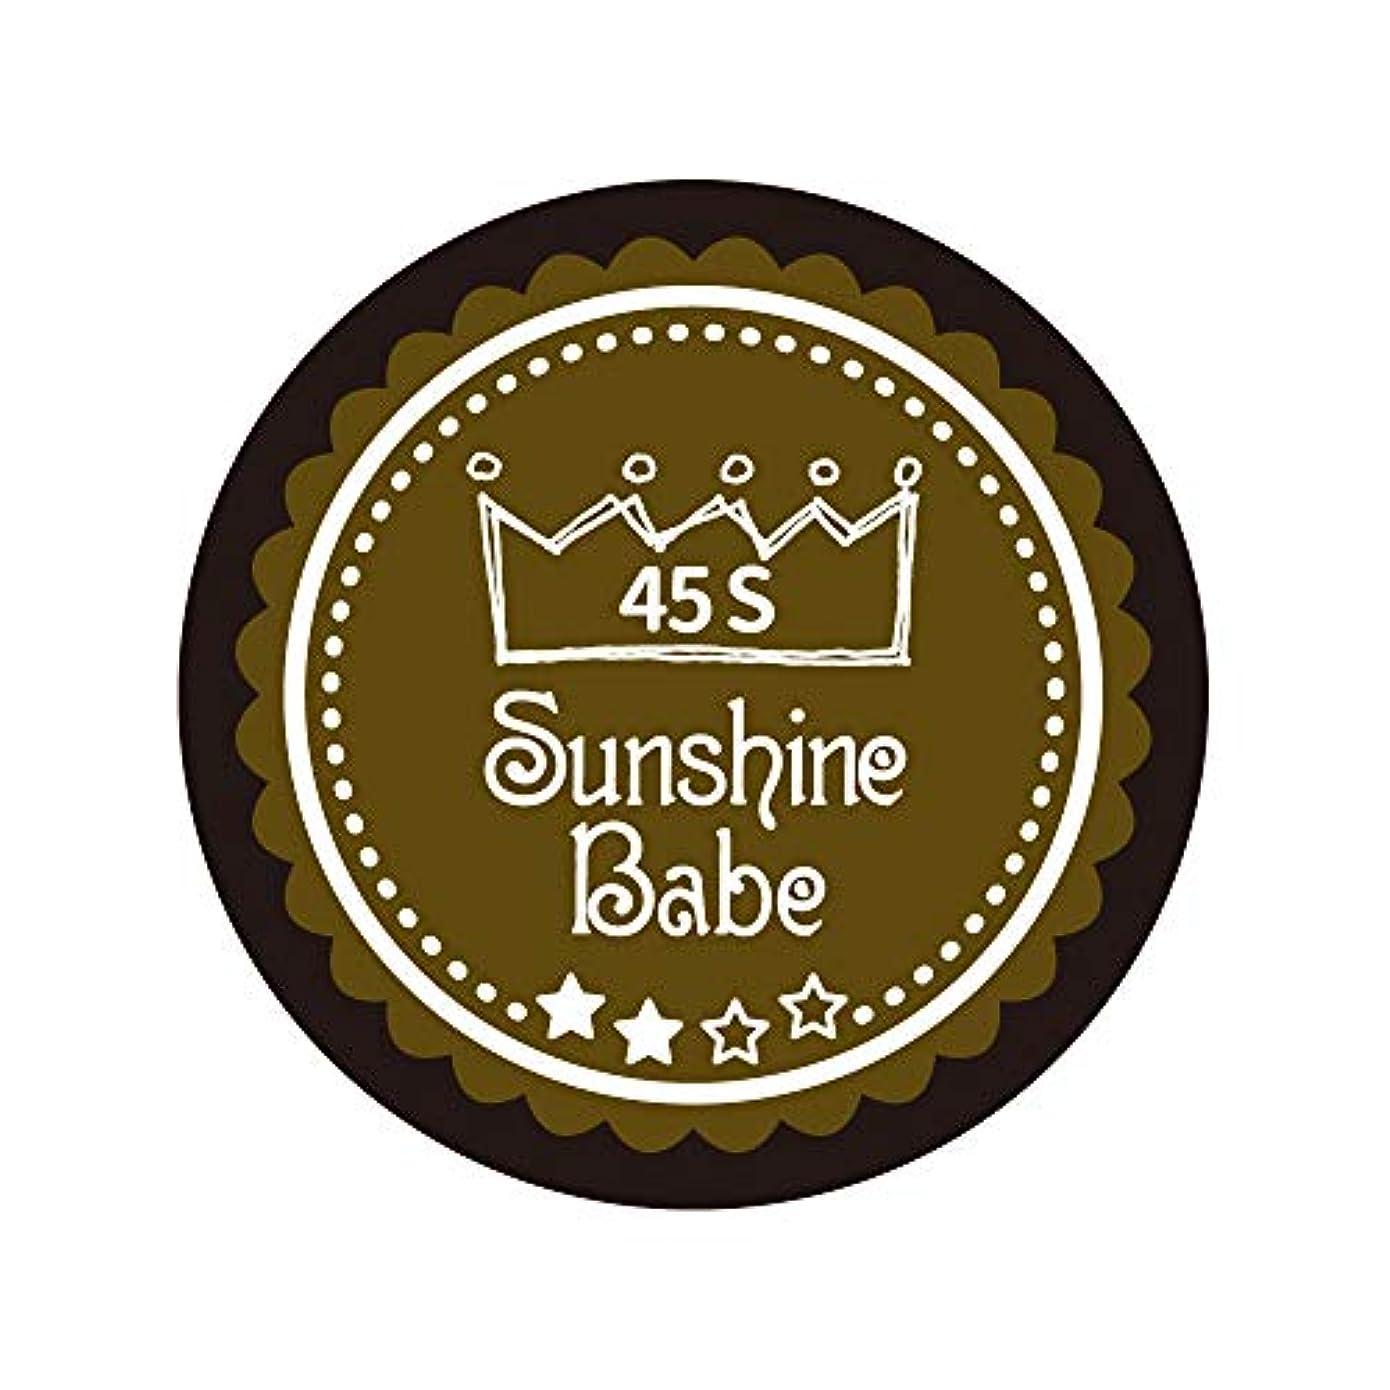 調子幅クレーターSunshine Babe カラージェル 45S マティーニオリーブ 2.7g UV/LED対応